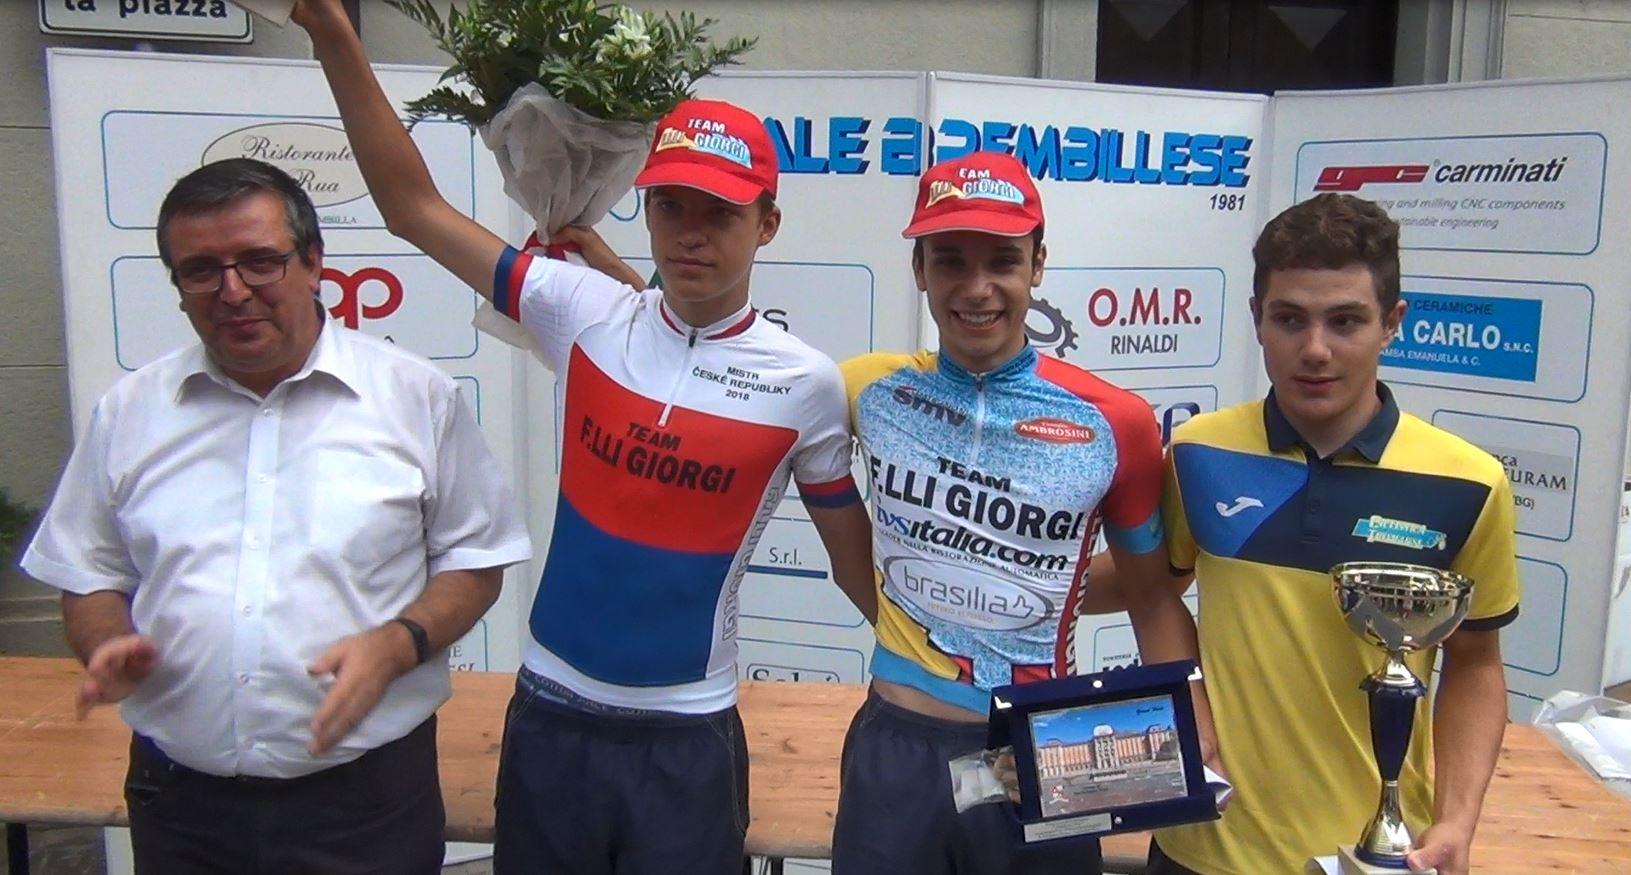 Il podio Allievi della cronometro di San Pellegrino Terme vinta da Andrea D'Amato